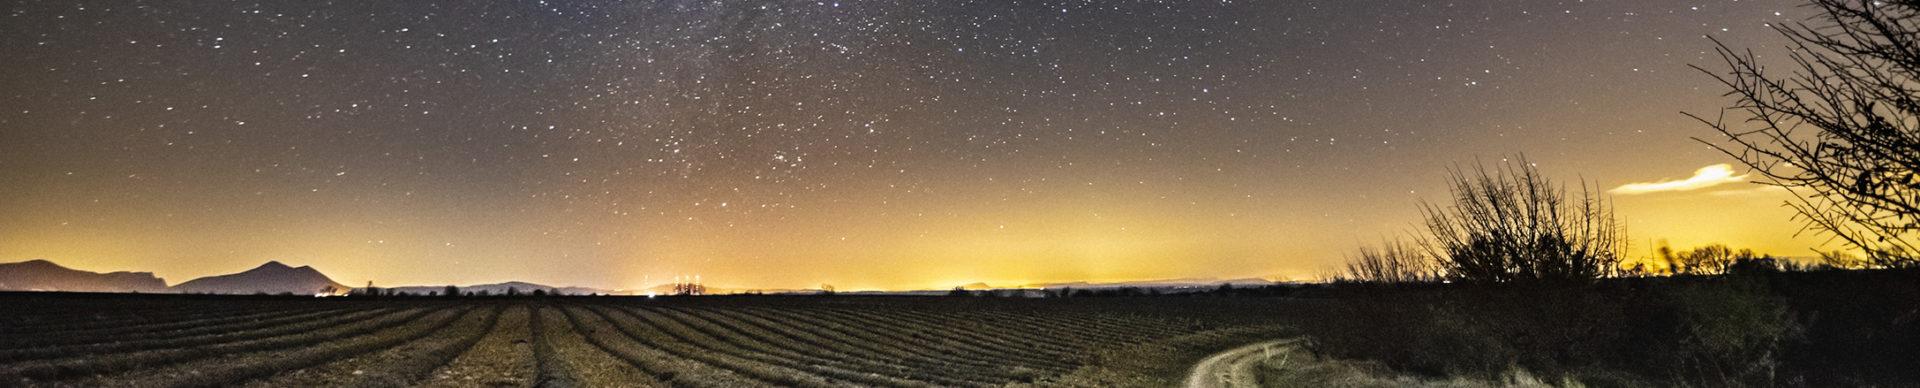 Nuit sur le plateau de Valensole ©AD04-Philippe Murtas